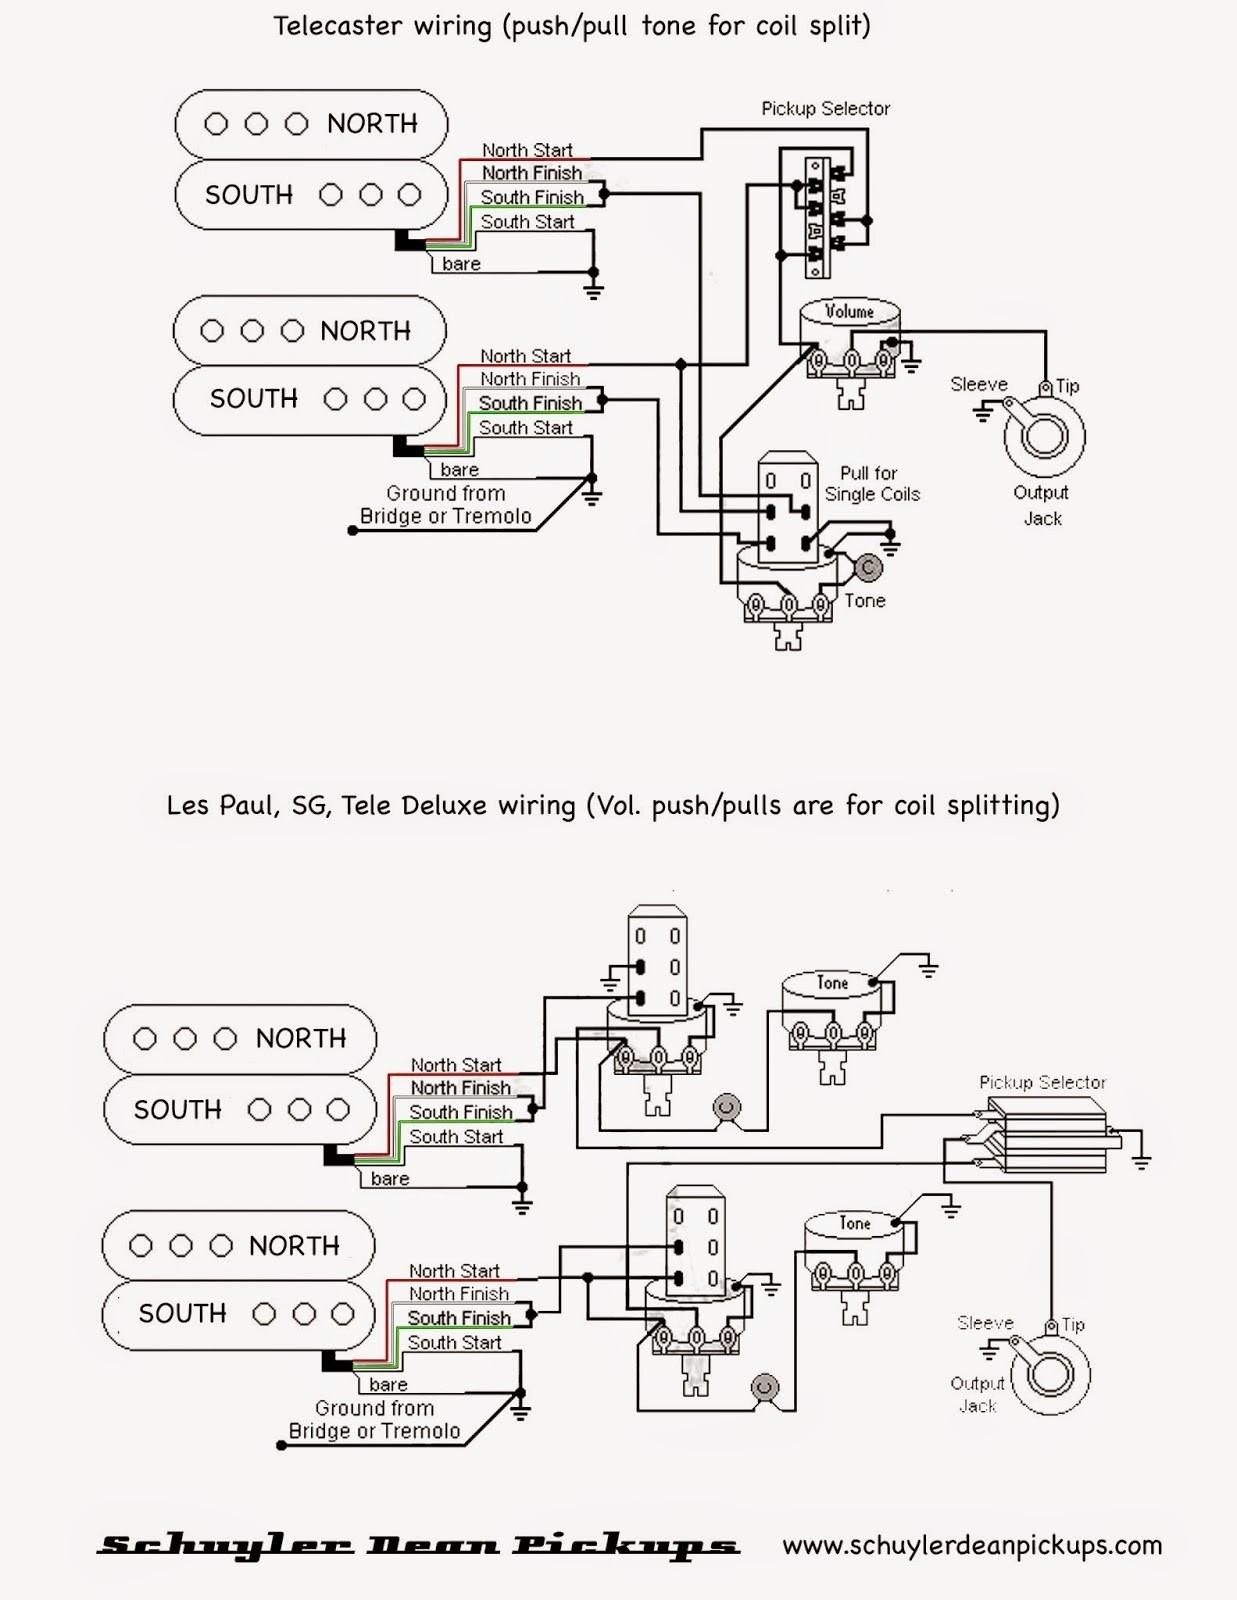 Split Coils Wiring Diagram For A Les Paul | Wiring Diagram - Coil Split Wiring Diagram